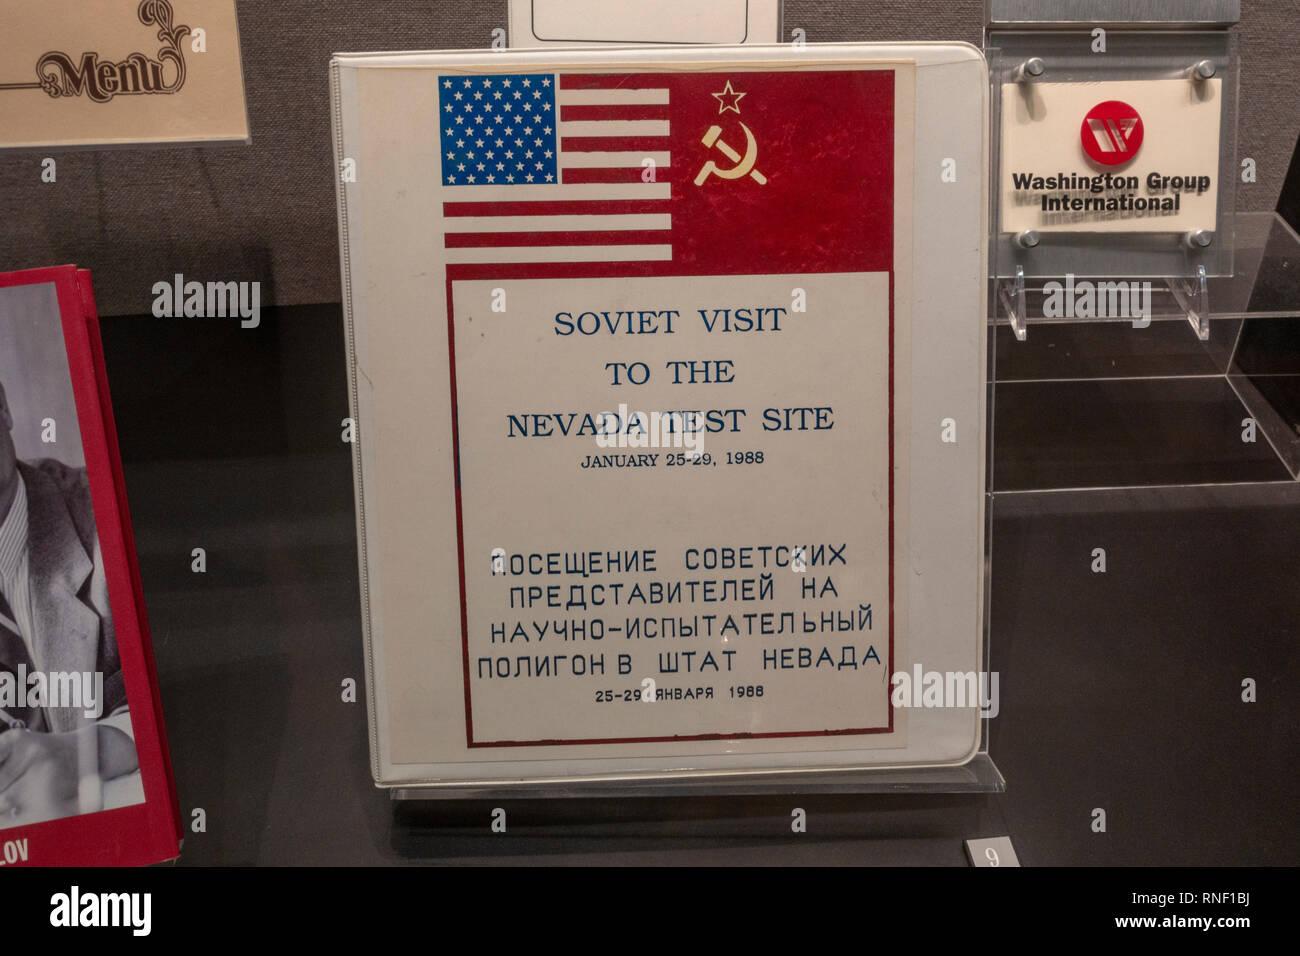 """Eine gemeinsame Überprüfung Experiment (Mai 1988) """"Kearsarge' Album, Nevada, United States. Stockfoto"""